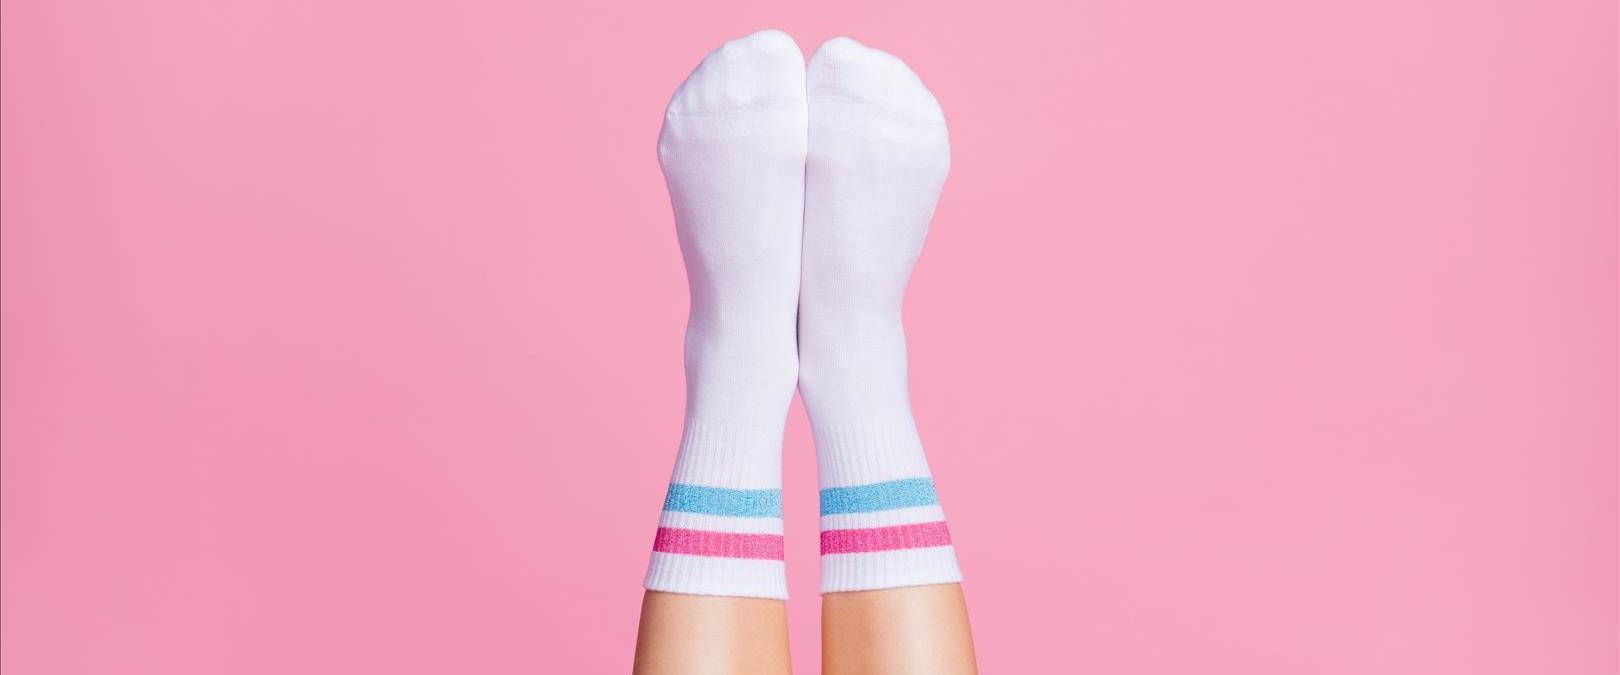 גרביים, עכשיו גם בנקבה